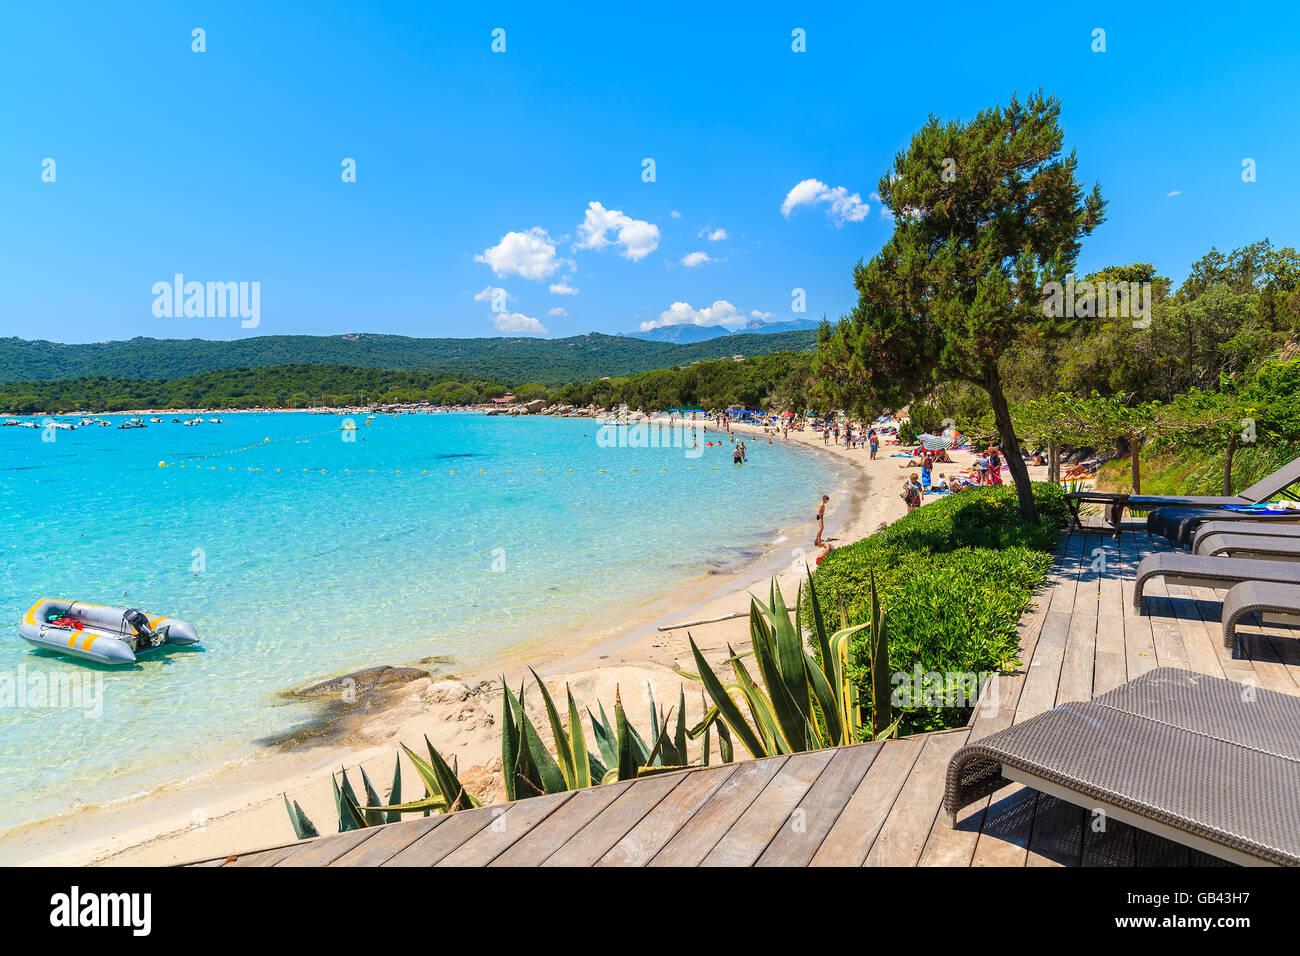 Hamacas En La Terraza De Madera Con Vistas A La Playa De